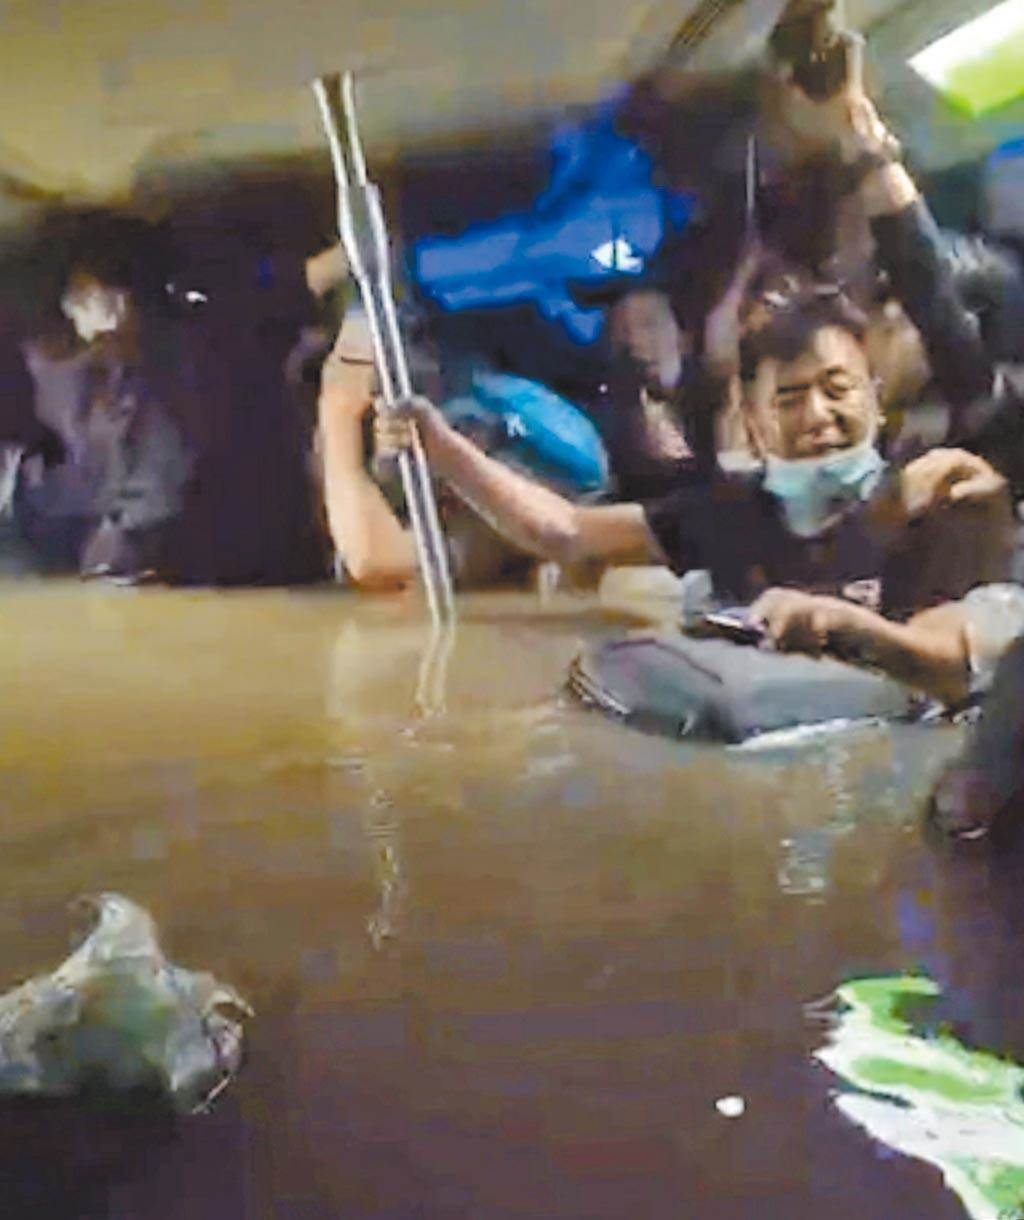 河南郑州地铁五号线列车被困隧道中,从乘客手机拍的照片,可以看出水深过腰,洪水也不断入侵,场面惊险。(摘自网路)